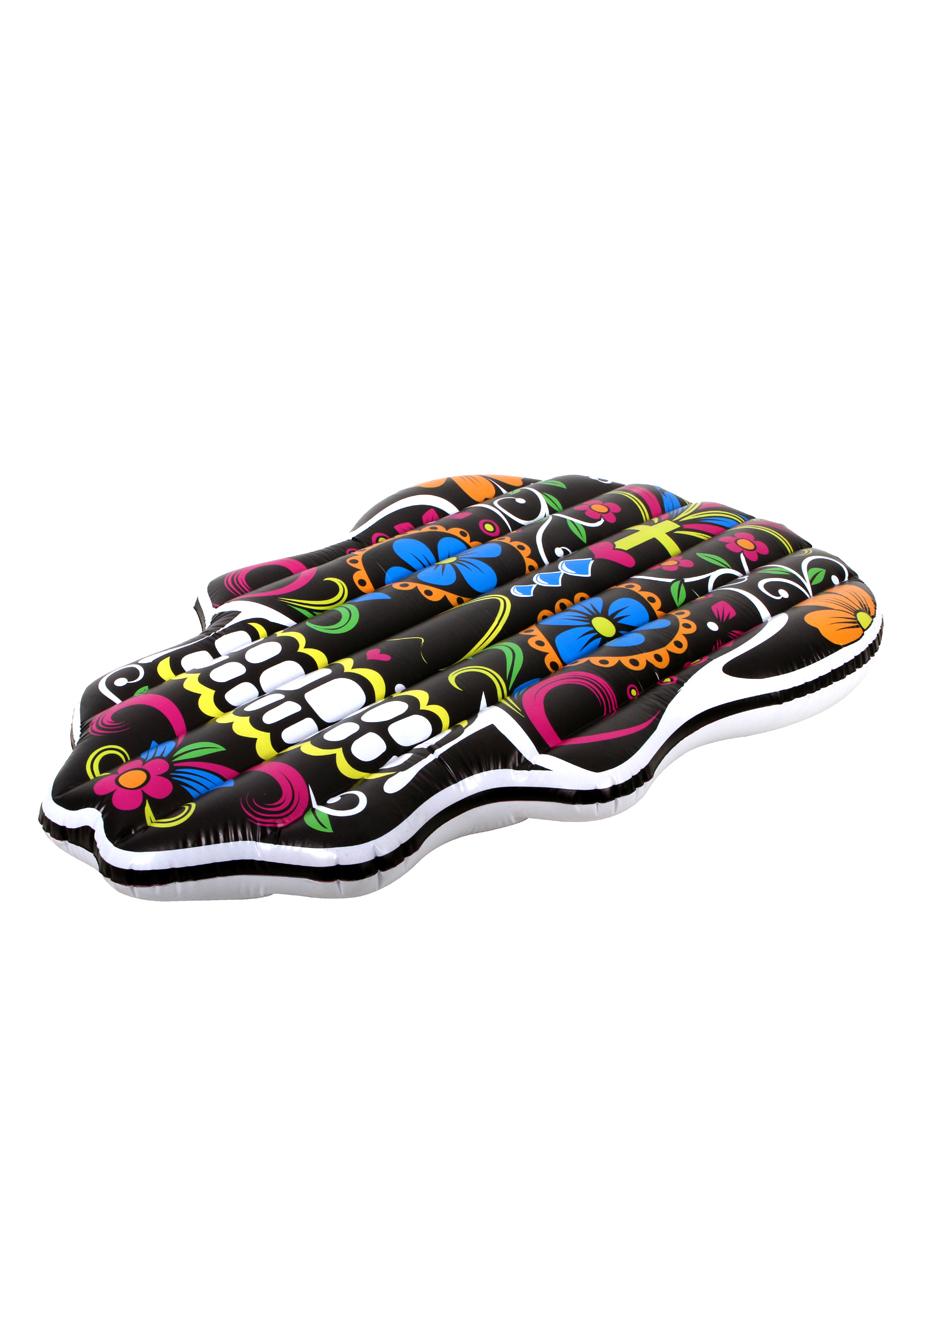 KESOTO 4 PCS Speaker Spikes Floor Protectors Shoes Mats 20x8mm